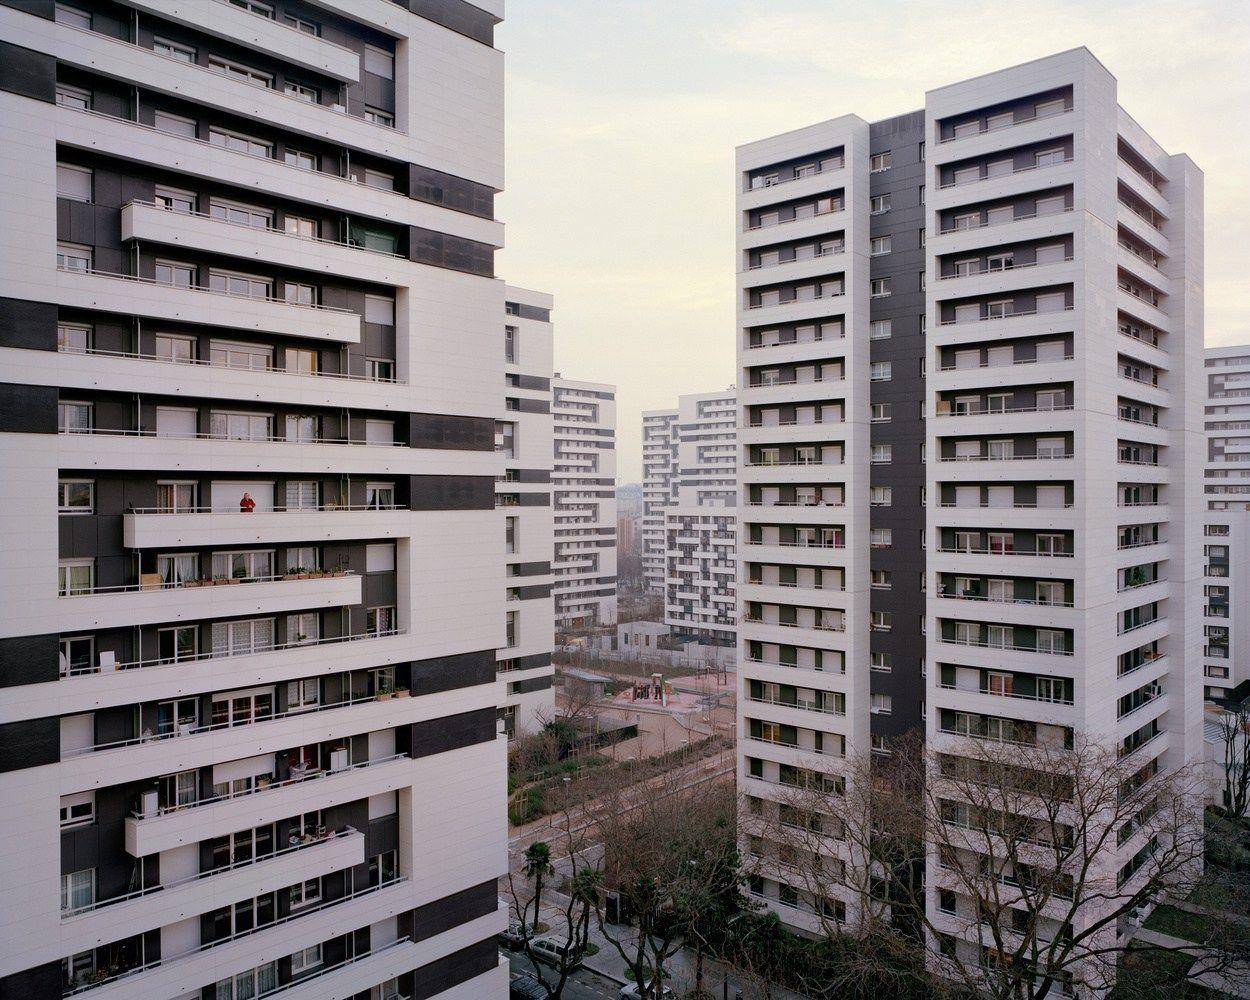 殺風景に見えますが、住人達はこの独特の都市で生活しているのです。あなたはここで生活する自分の姿を想像できますか?…